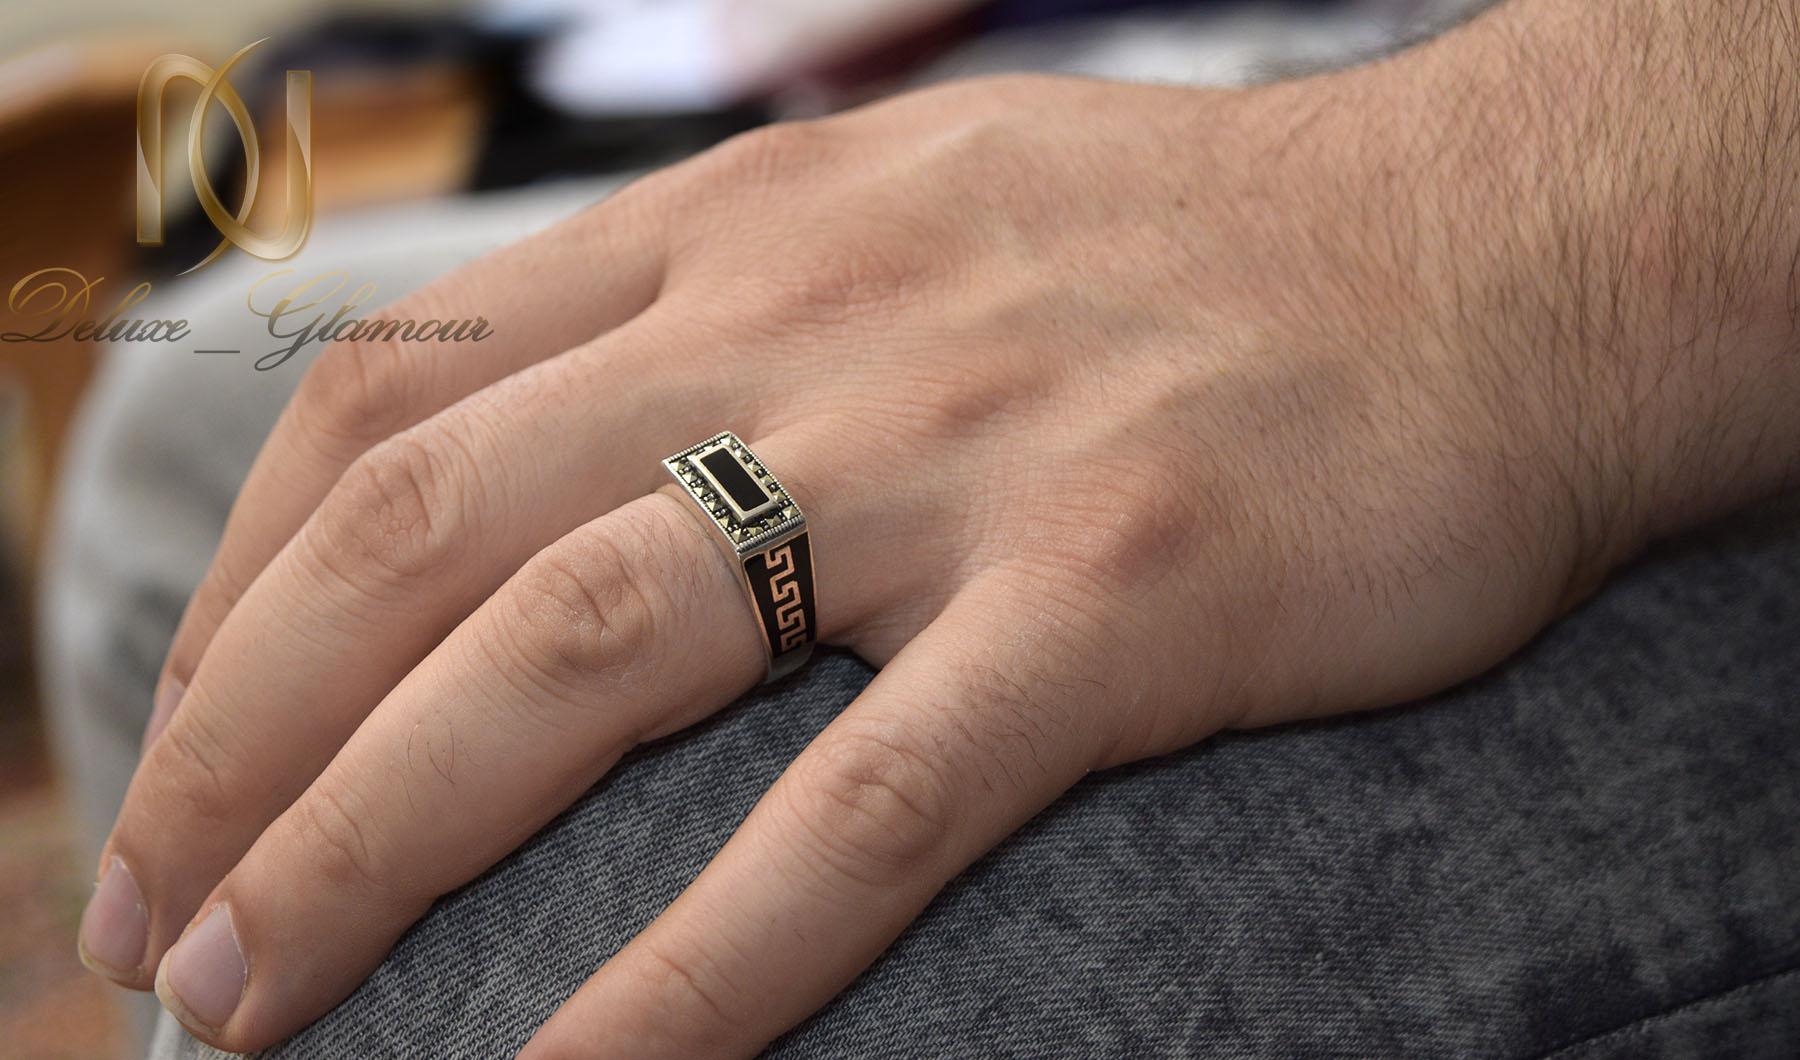 انگشتر نقره مردانه طرح ورساچه لوکس rg-n375 از نمای روی دست